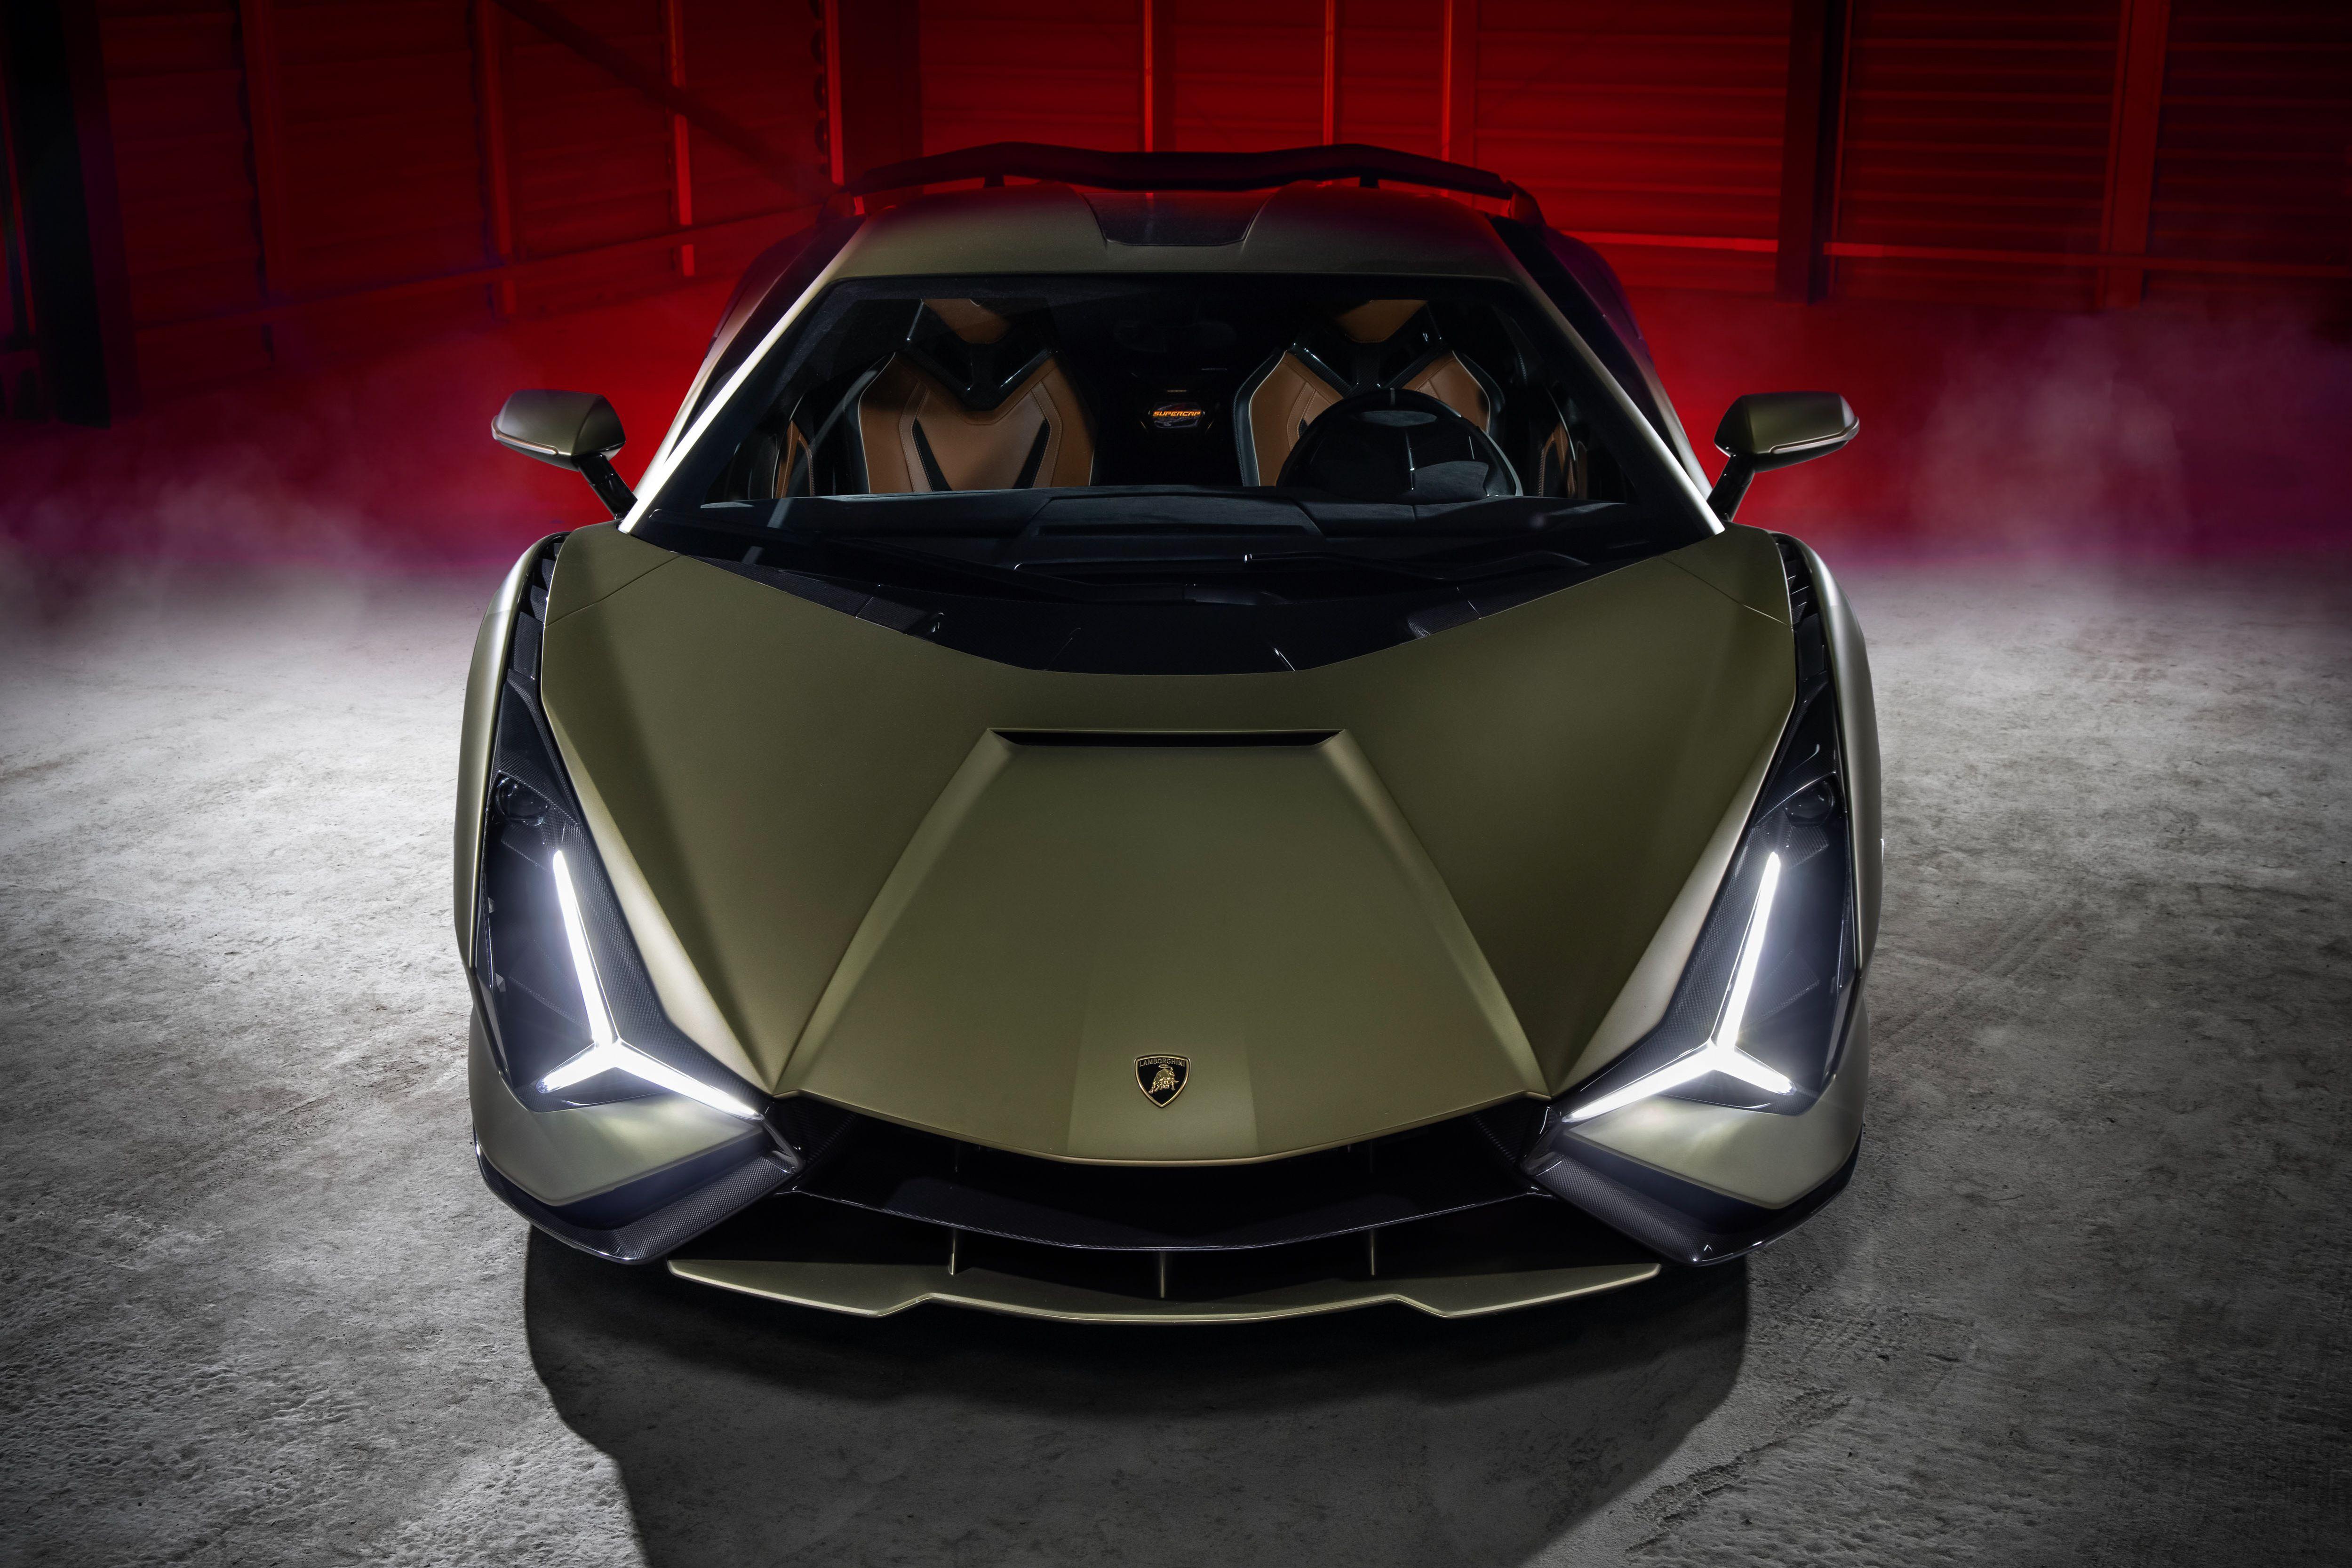 lamborghini sian 2021 4k 1618920700 1 - Lamborghini Sian 2021 4k - Lamborghini Sian 2021 4k wallpapers